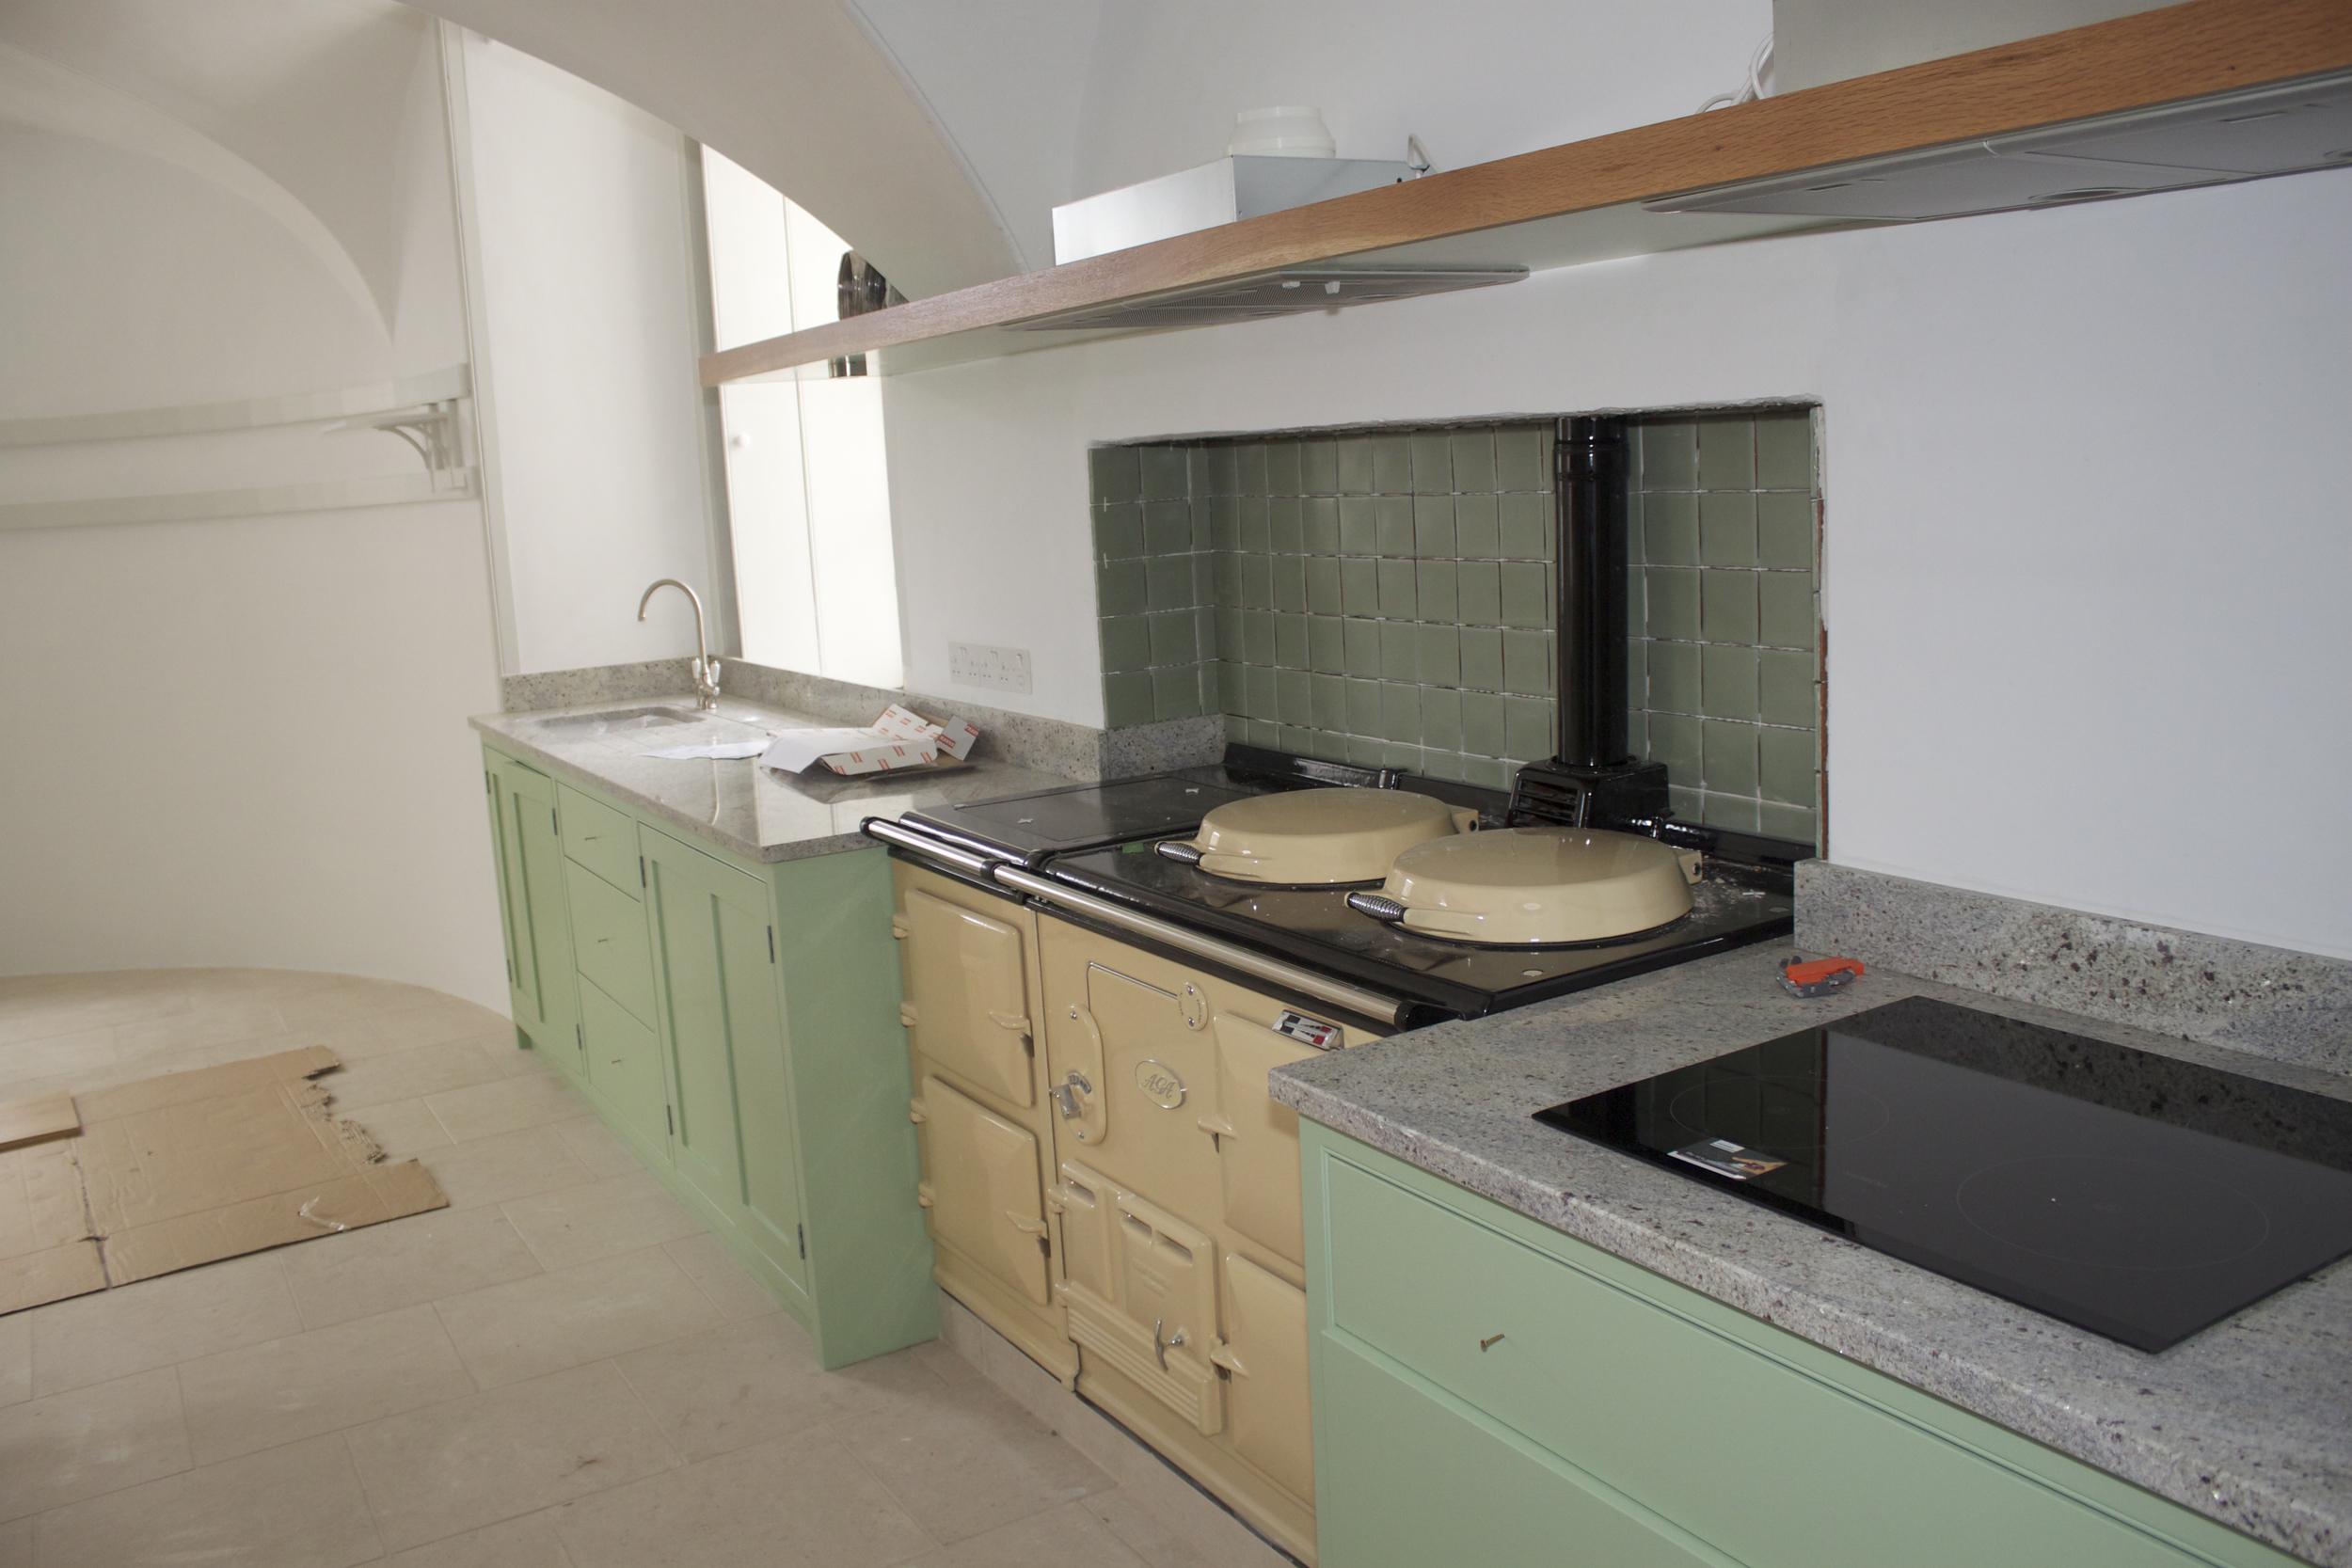 Carbury Kitchen Aga Tile Splashback.jpg